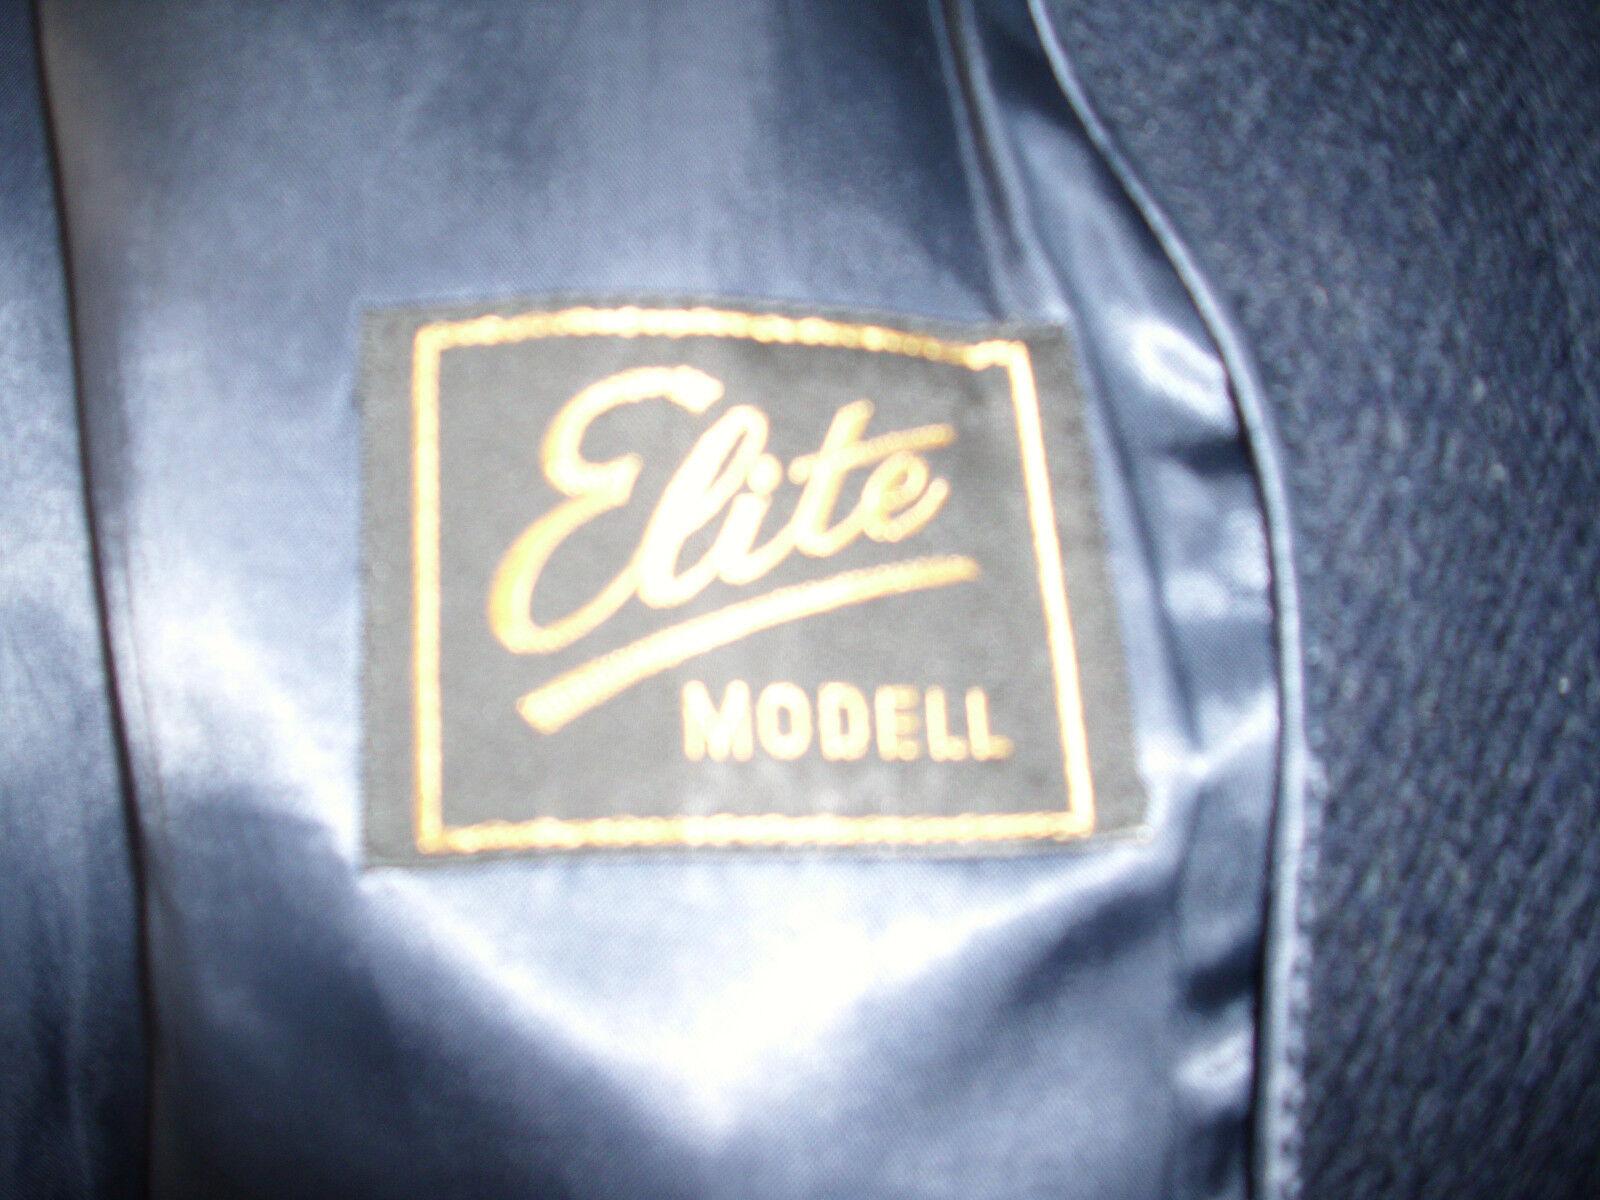 Kynoch Schurwolle Scotland Mantel Größe M, Details siehe Foto vom Etikett